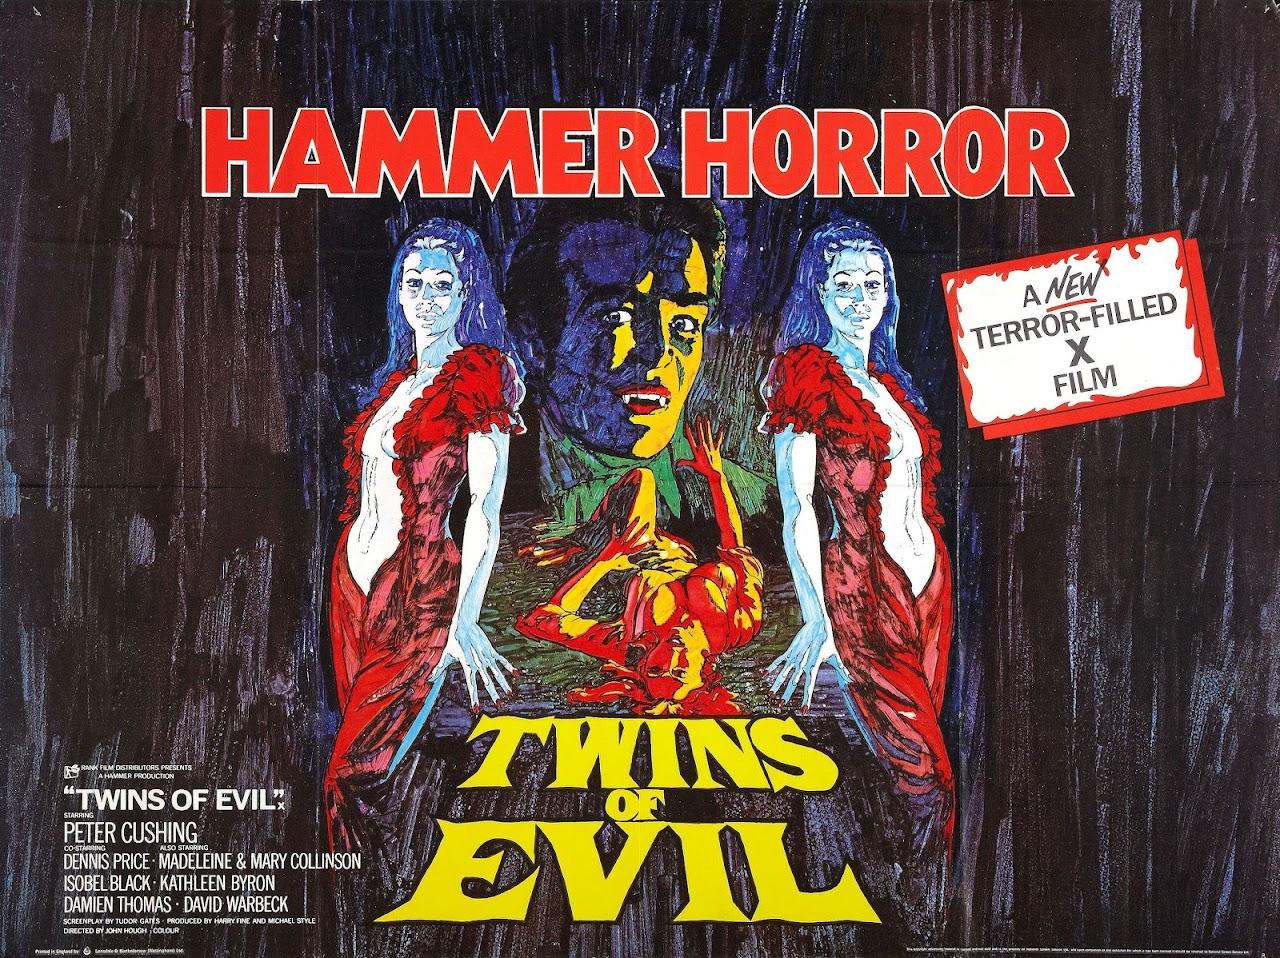 http://2.bp.blogspot.com/-moENEebolCc/UAYwffCvv5I/AAAAAAAAMGM/r9foWX_Osm8/s1600/twins_of_evil_poster_05.jpg